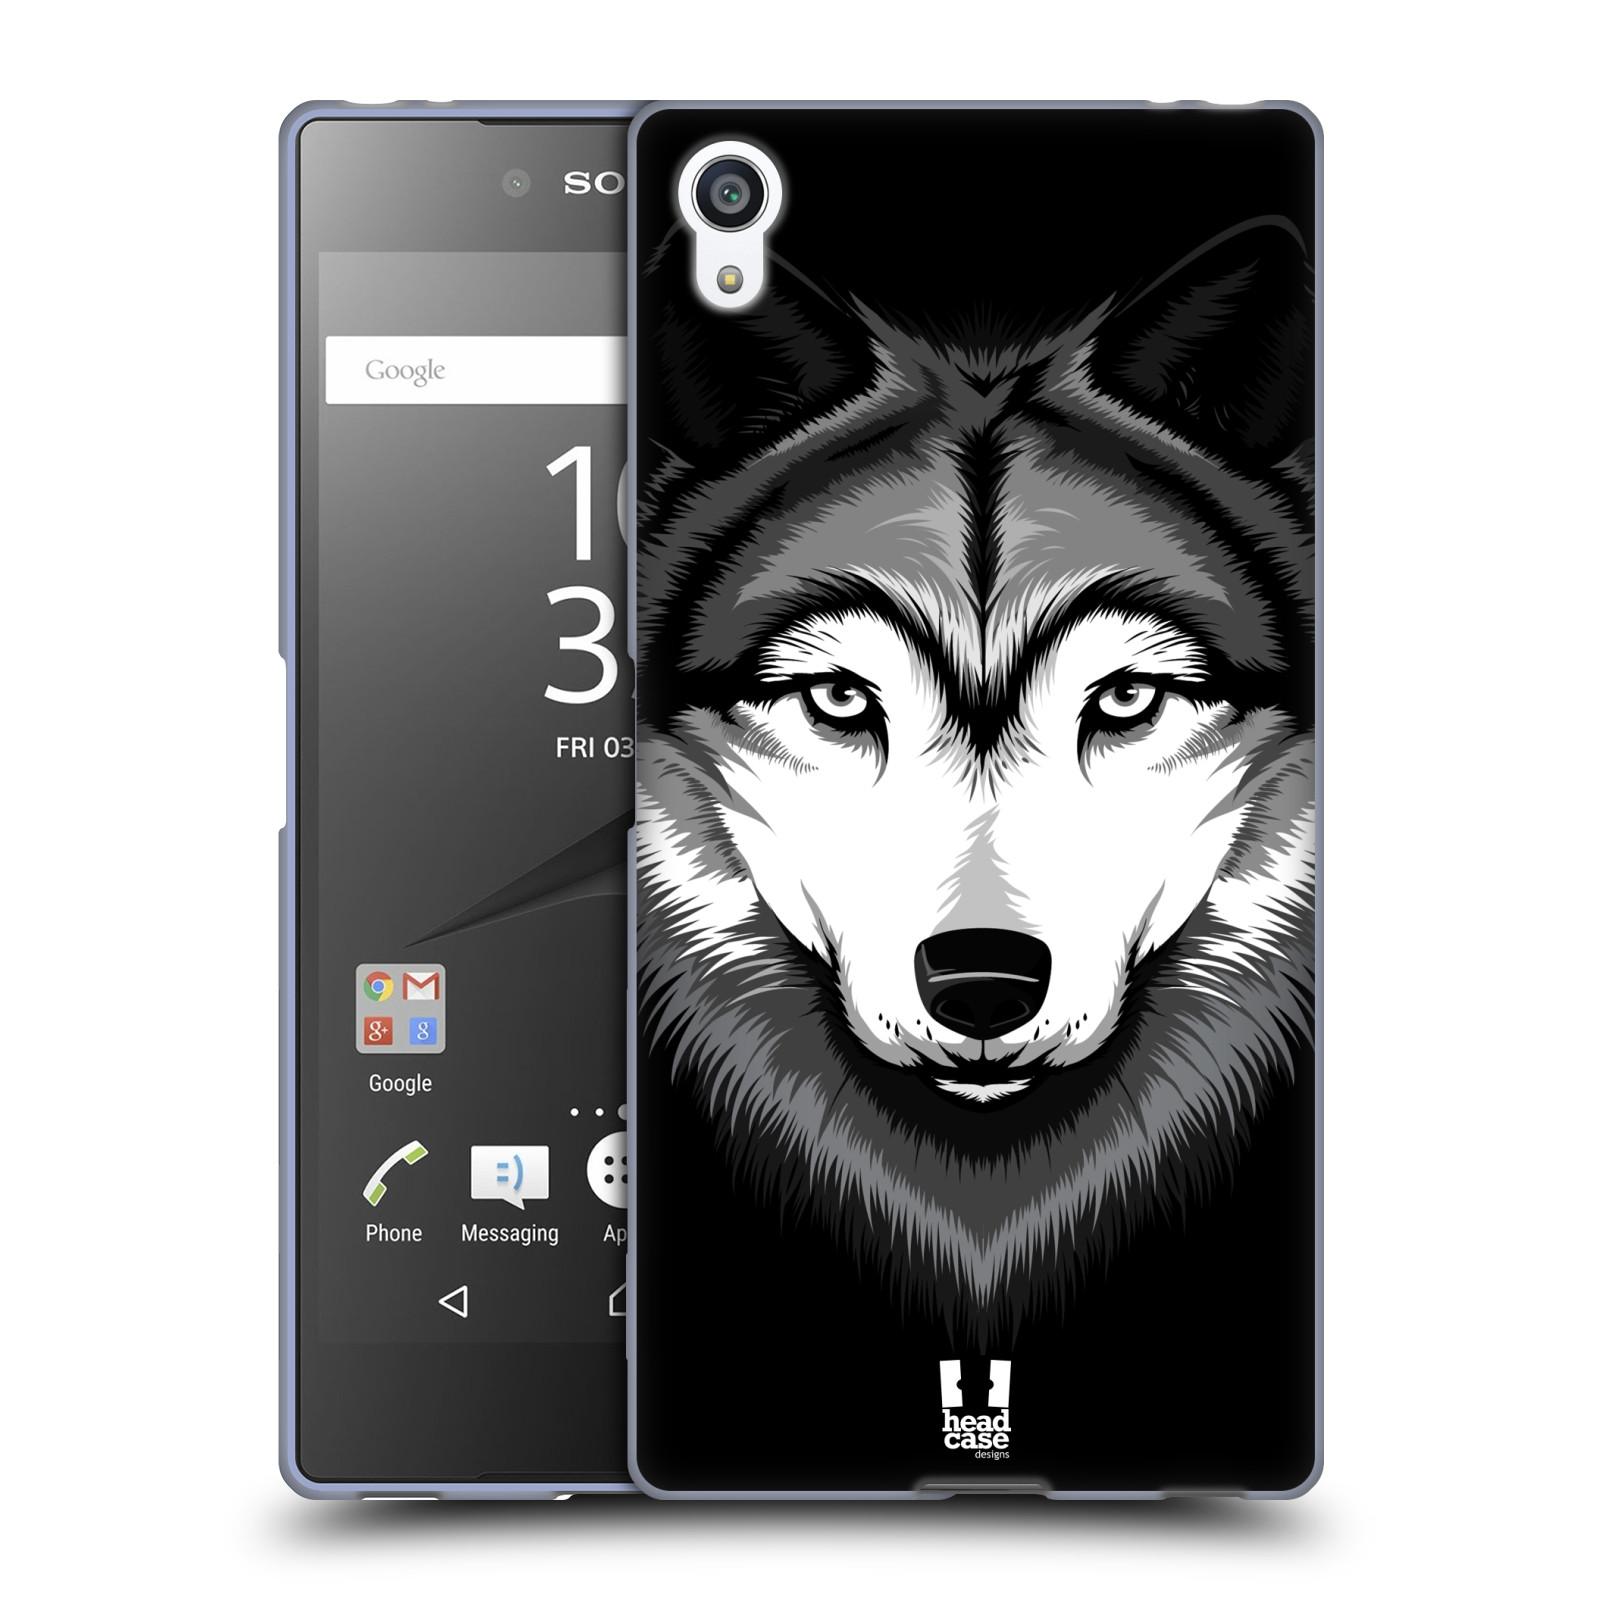 Silikonové pouzdro na mobil Sony Xperia Z5 Premium HEAD CASE ILUSTROVANÝ VLK